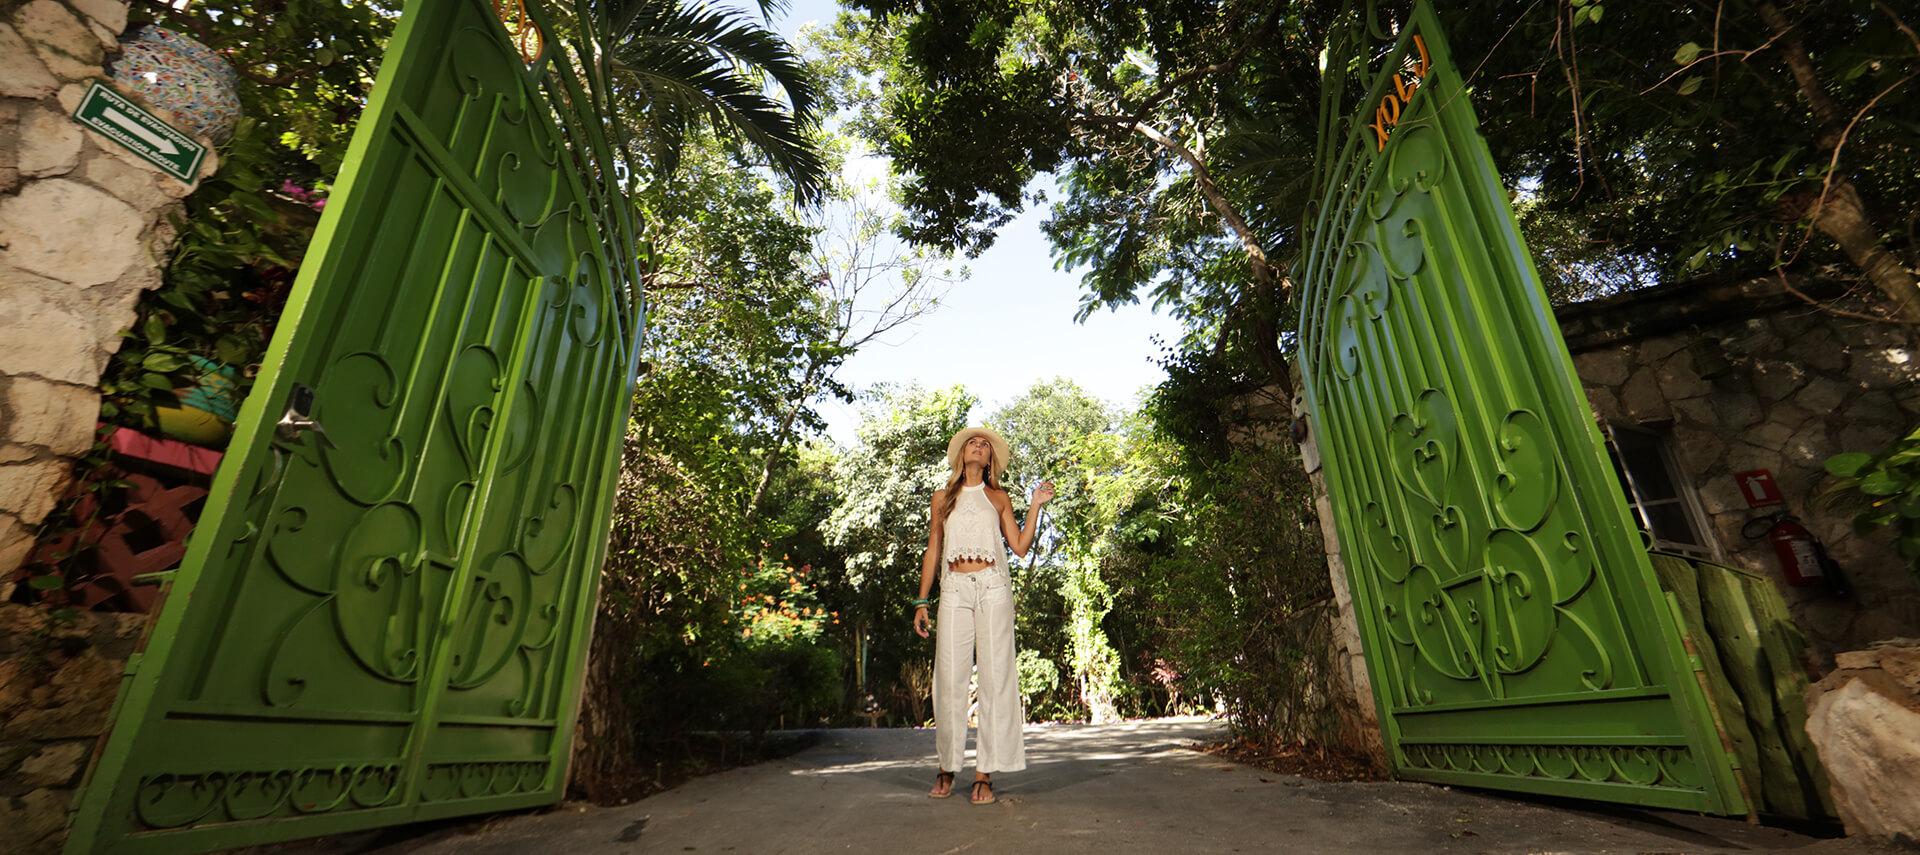 Xolumado Village Destination Wedding Entrance Gate